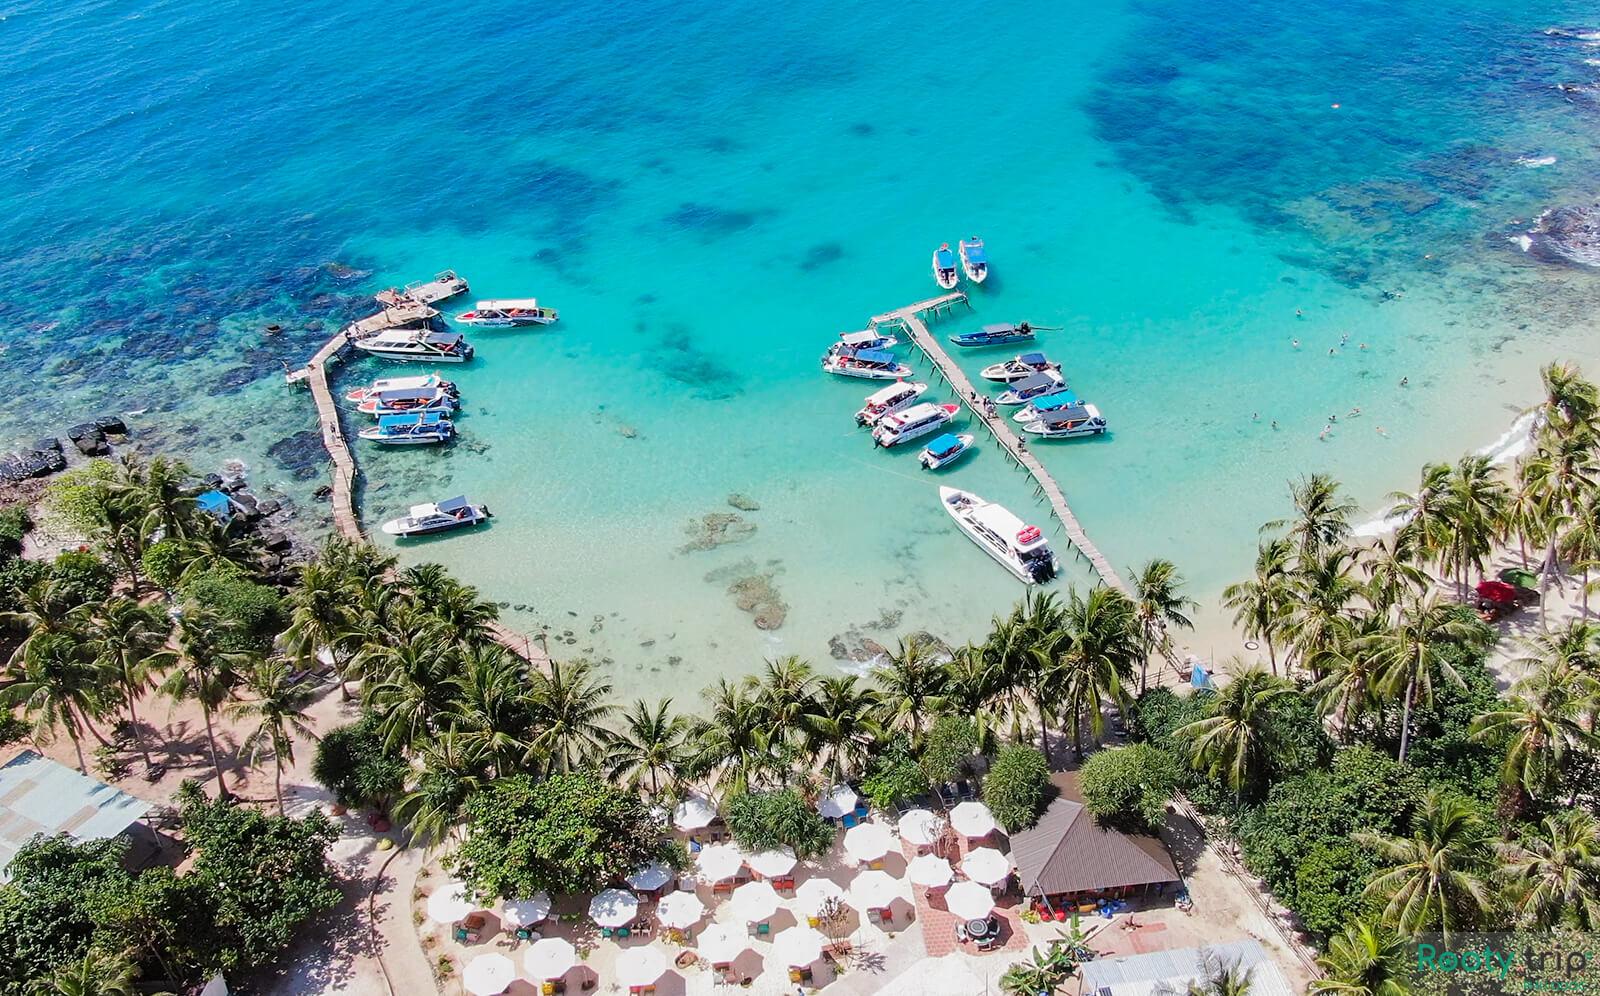 Tour khám phá 3 đảo - lặn ngắm San hô - thưởng thức hải sản 1 ngày